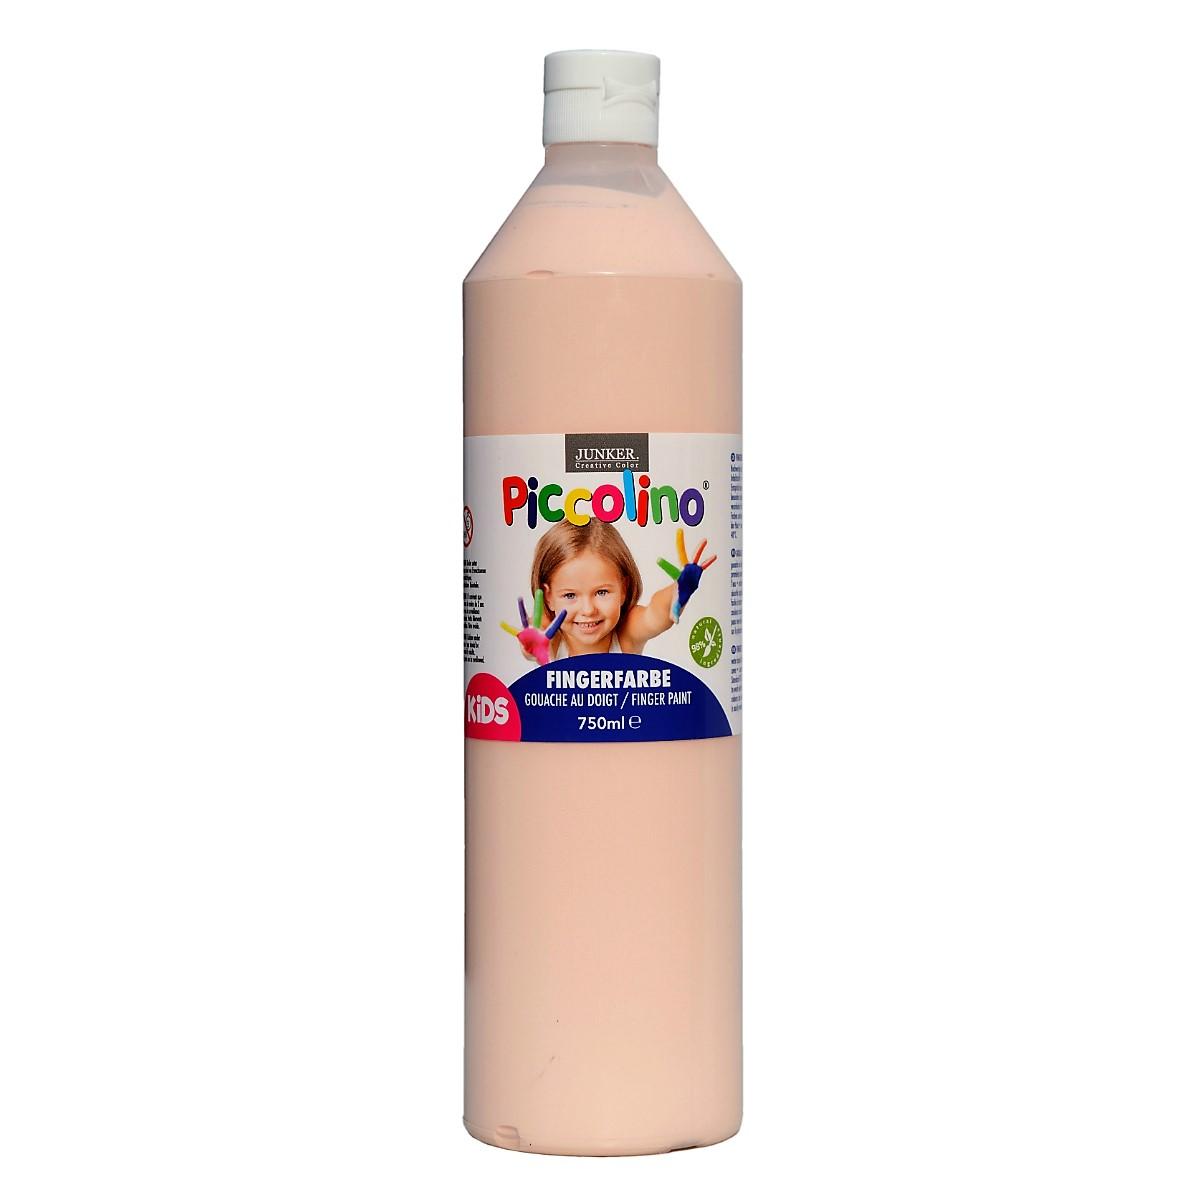 Piccolino Fingerfarbe Hautfarben, 750 ml Flasche